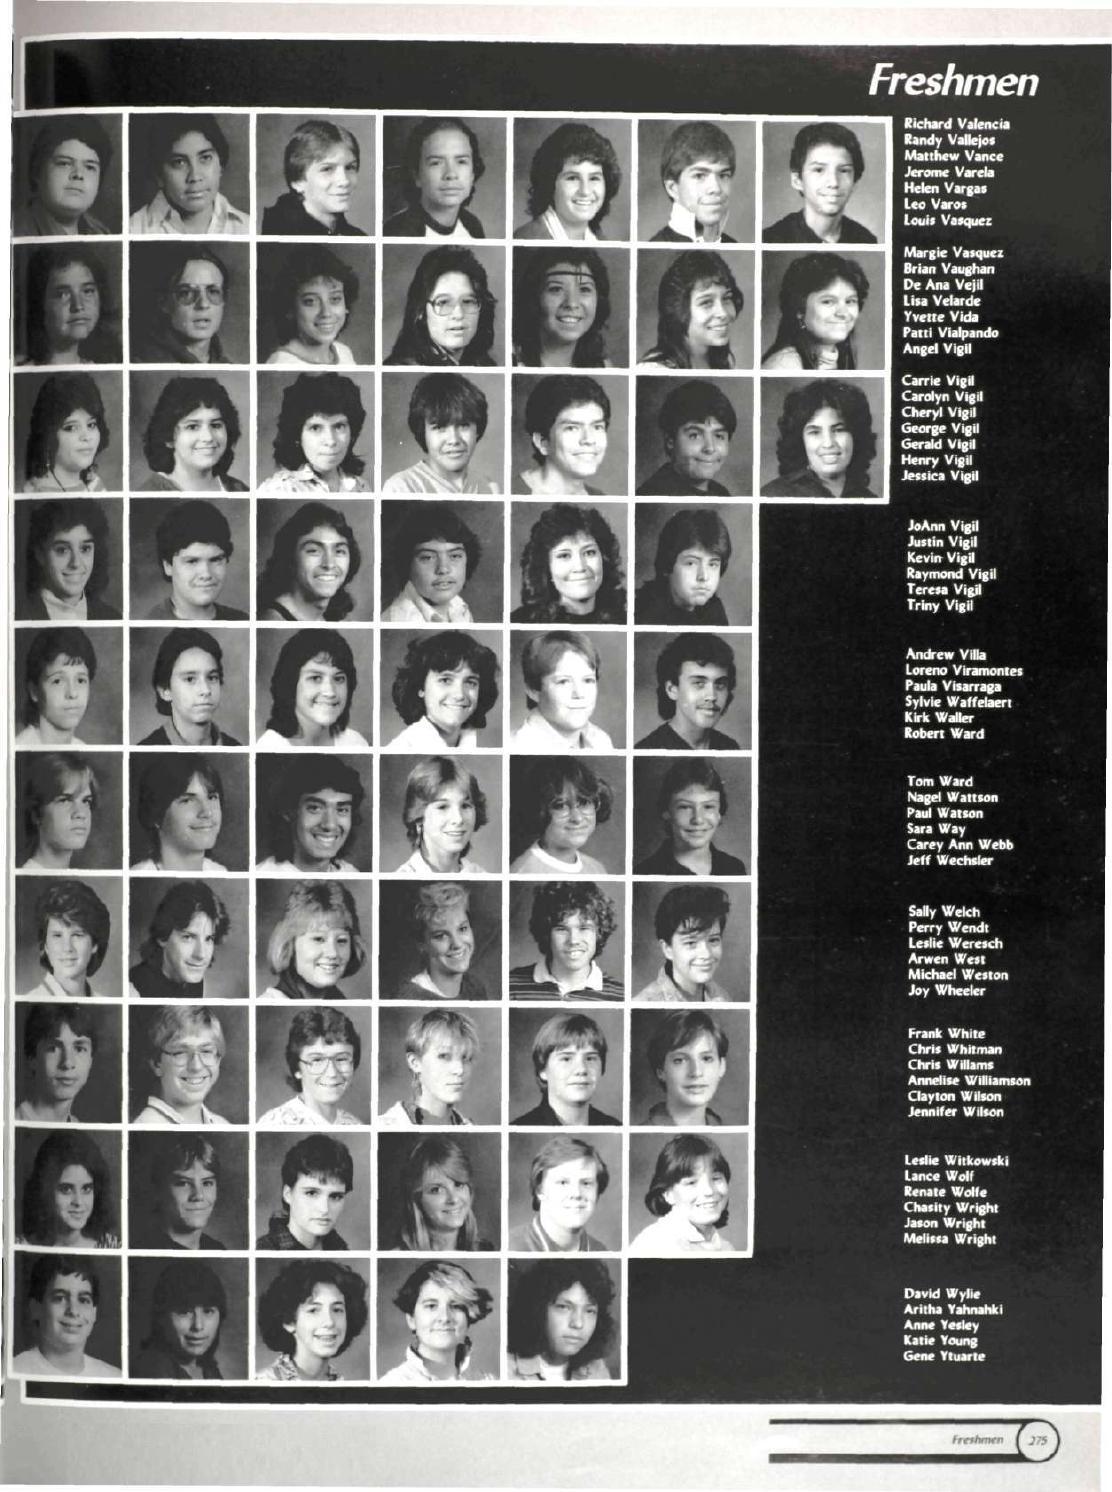 santa fe high school yearbook 1987 by santa fe high school santa fe high school yearbook 1987 by santa fe high school publications page 279 issuu